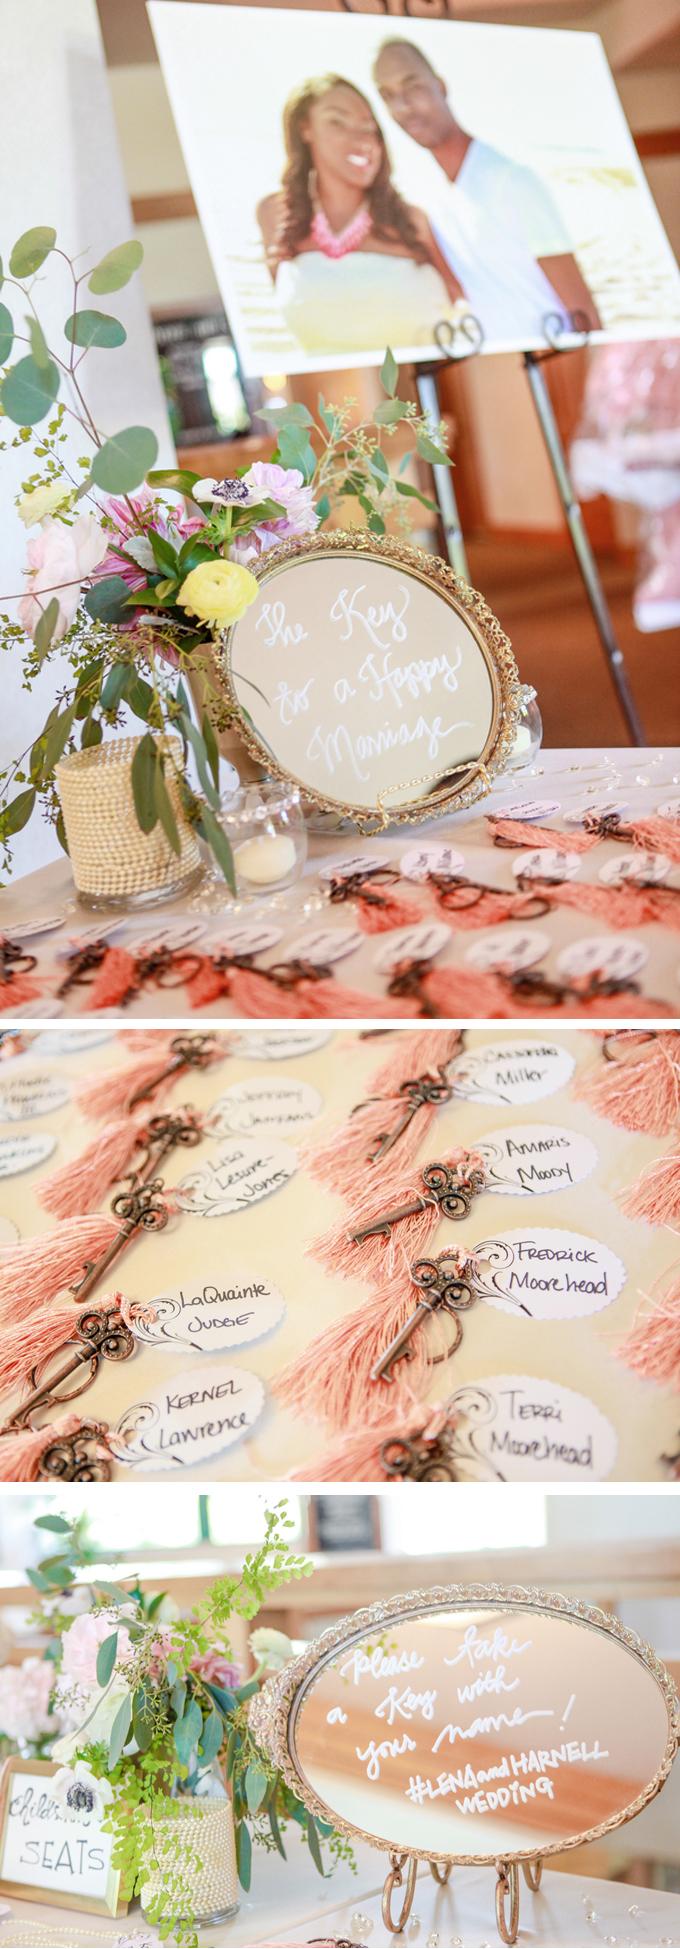 my wedding reception ideas blog glam real wedding in